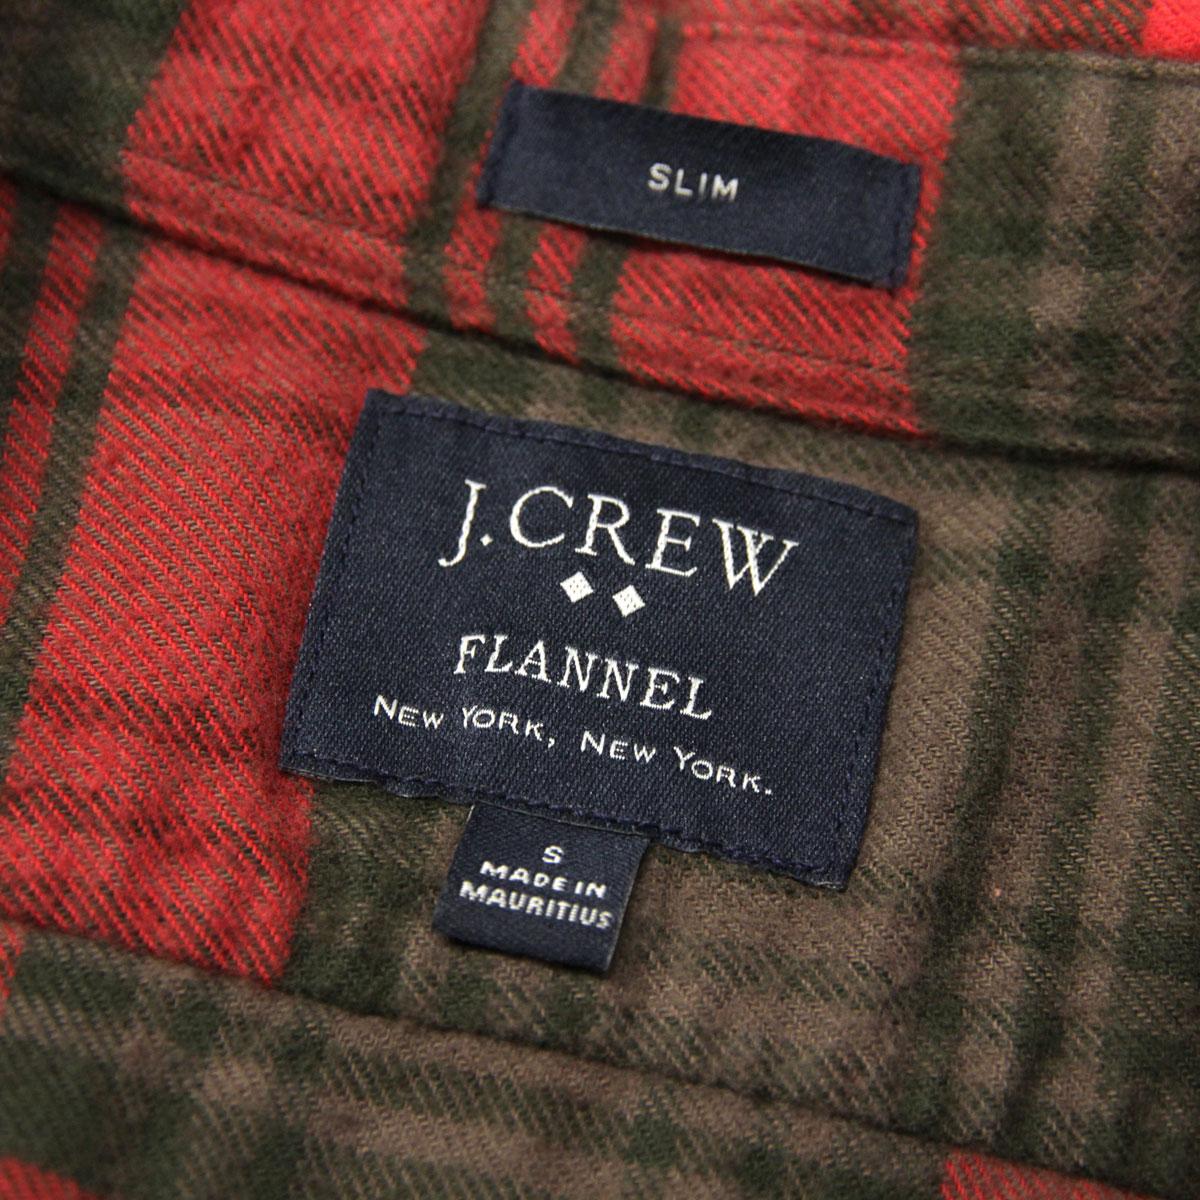 ジェイクルー J.CREW 正規品 メンズ 長袖シャツ SLIM PLAID FLANNEL SHIRT 92937